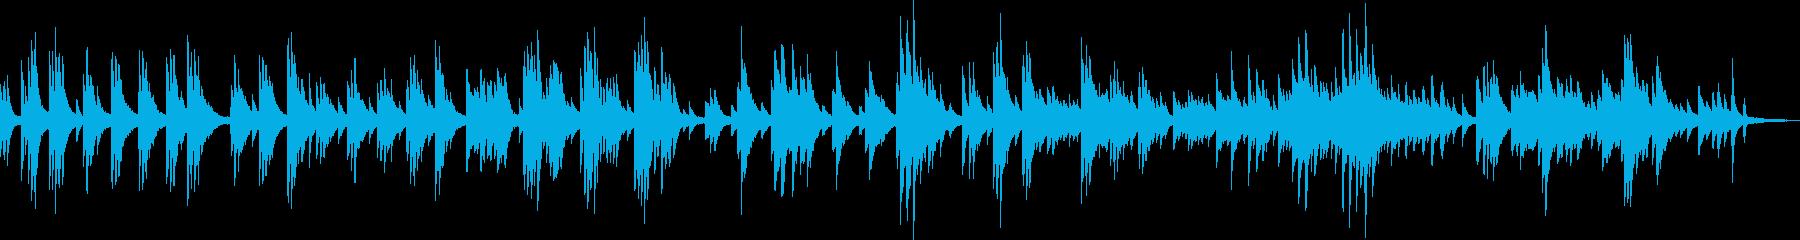 幸せな時間(ピアノソロ・ゆったり)の再生済みの波形